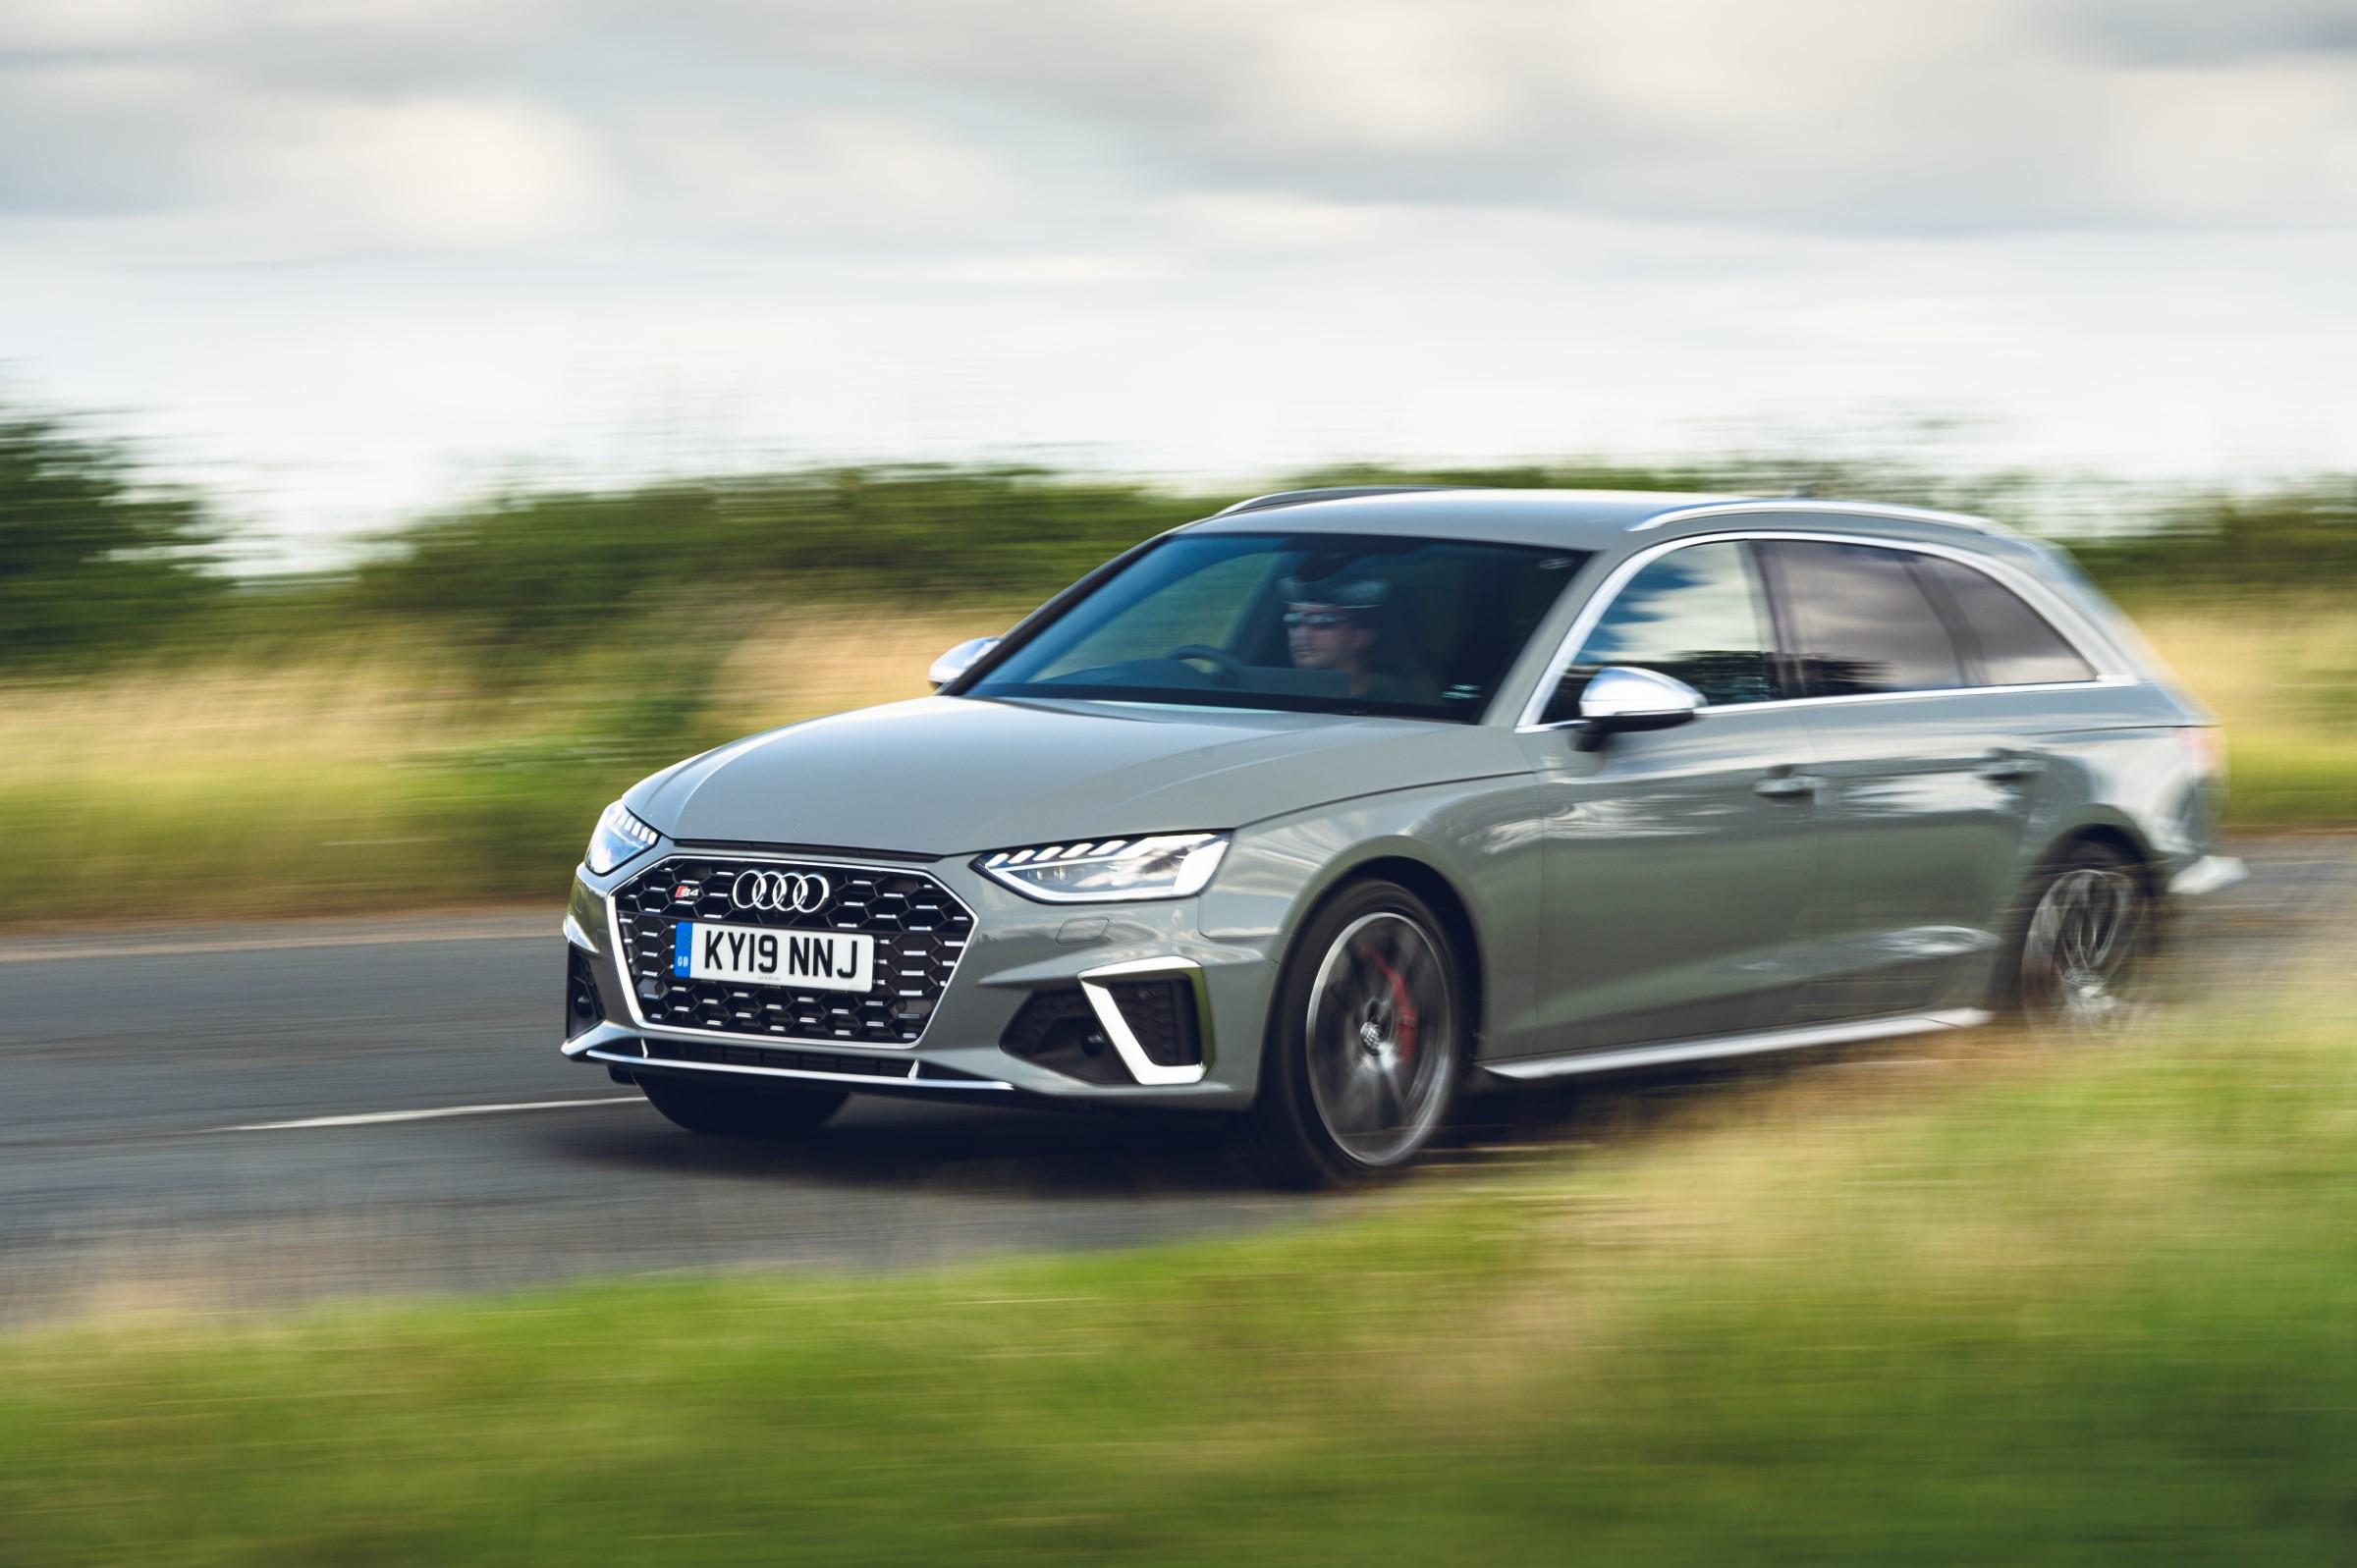 Kekurangan Audi S4 Diesel Review